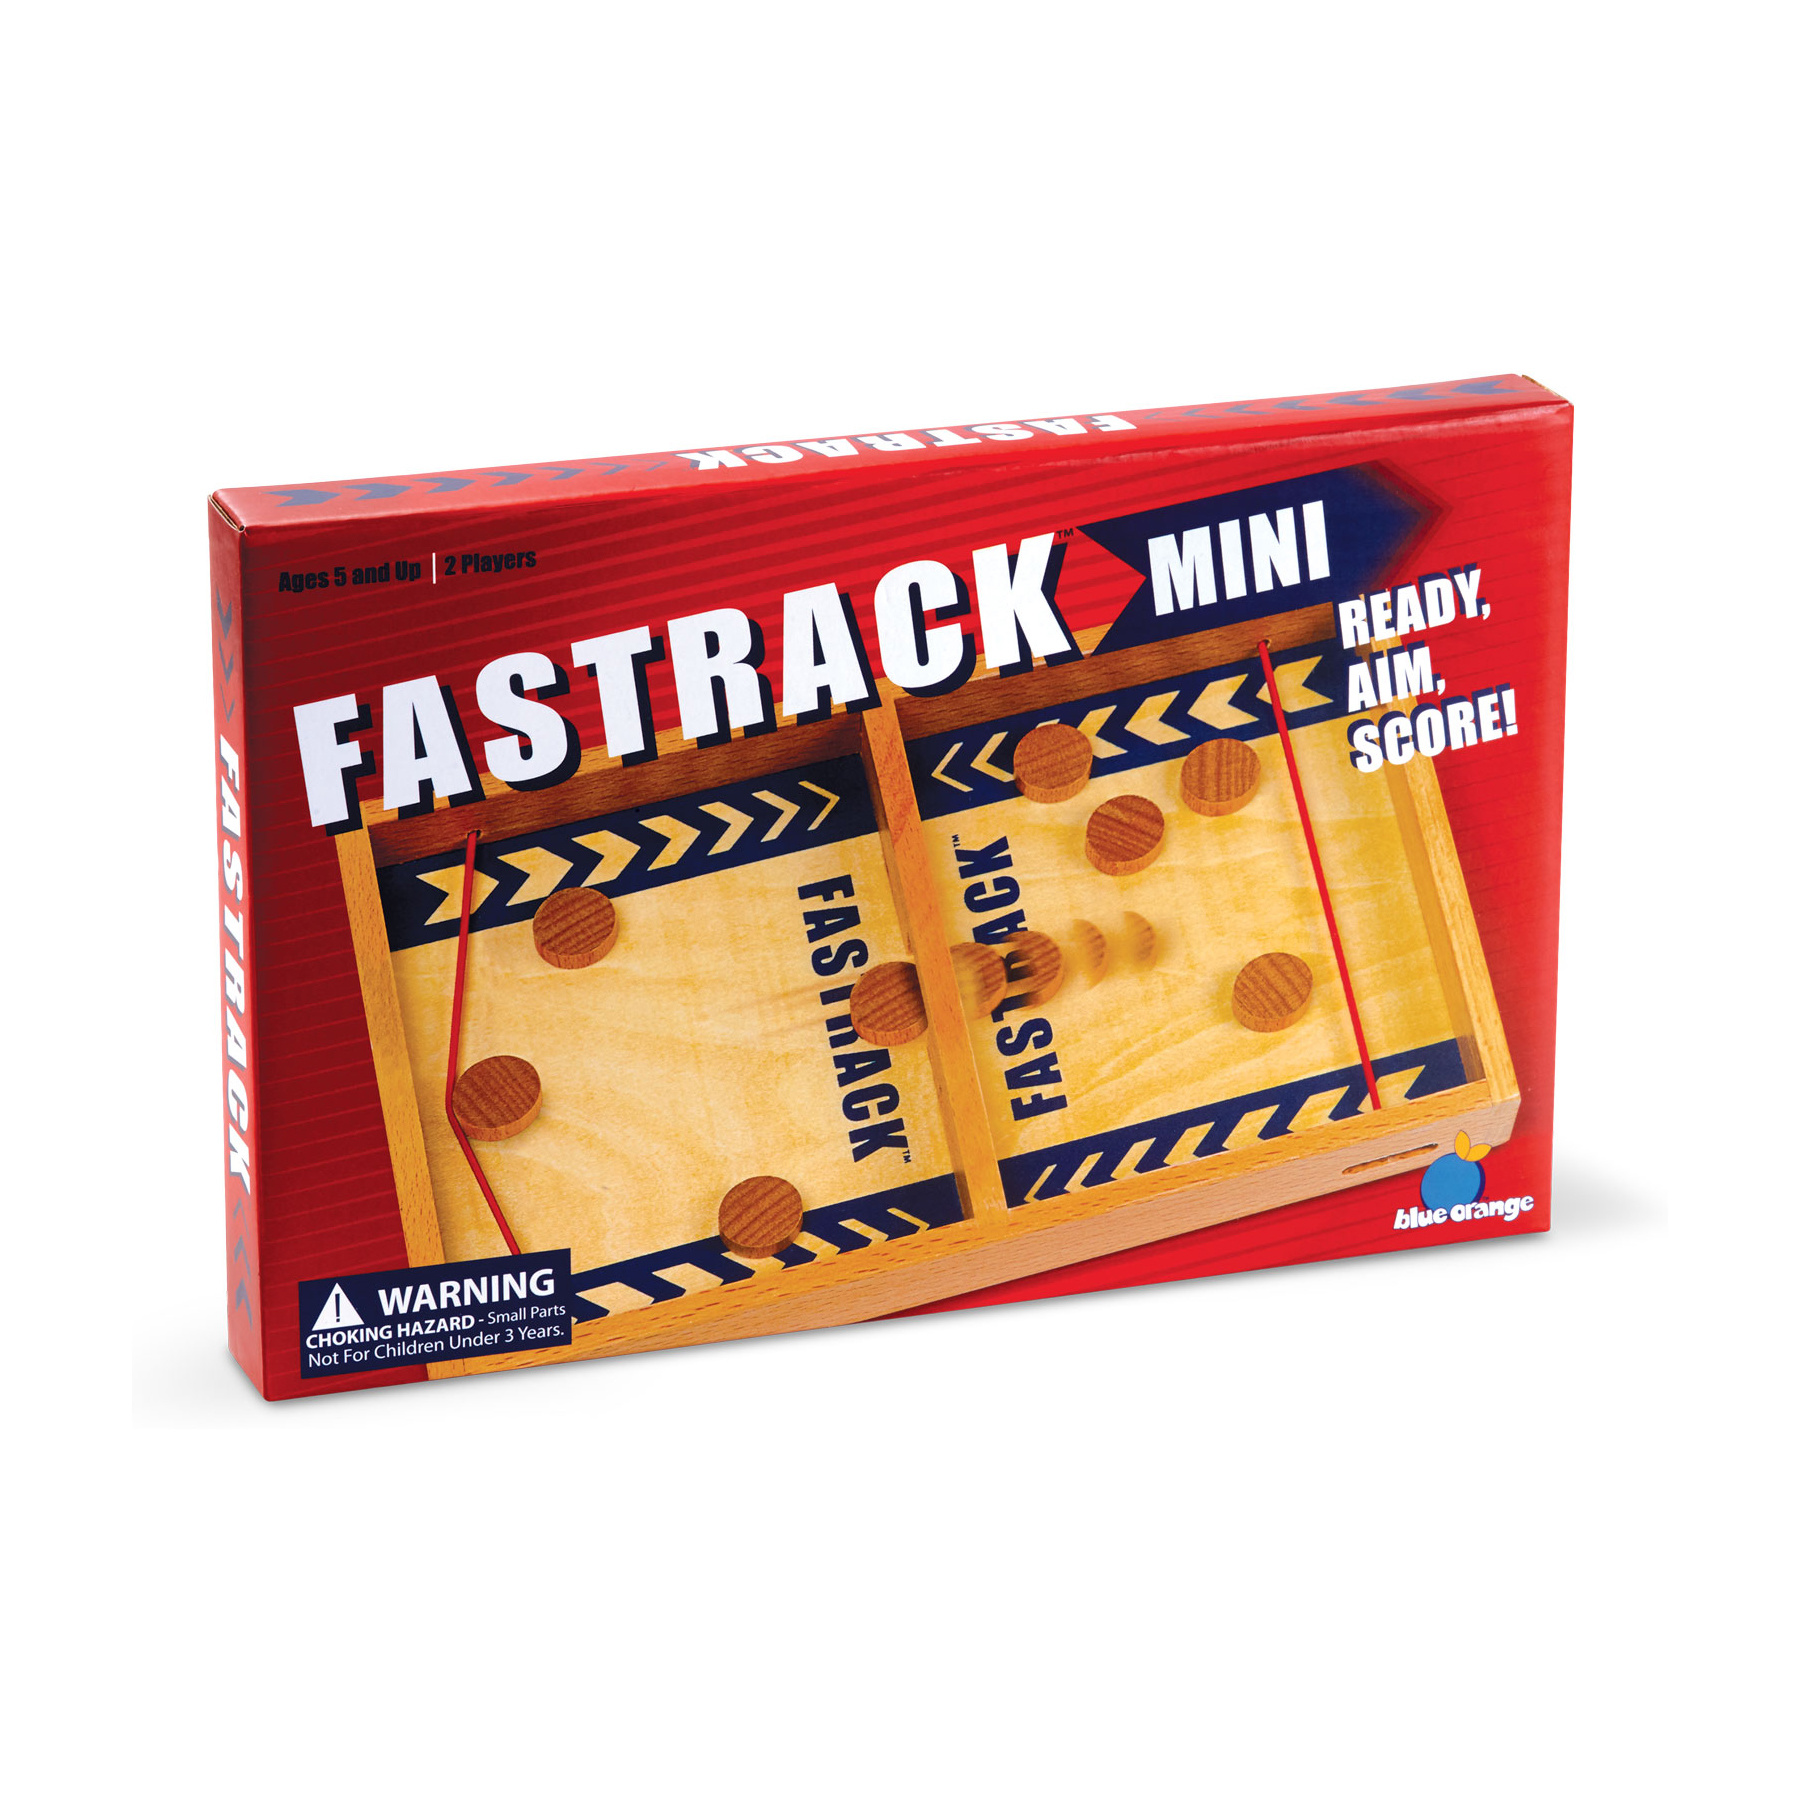 Fastrack Mini